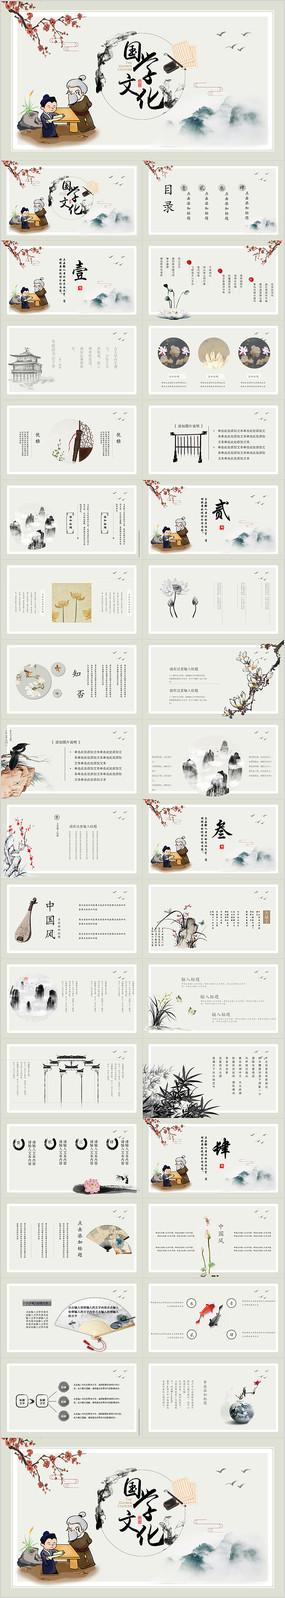 中国风文化国学经典国学文化PPT模板